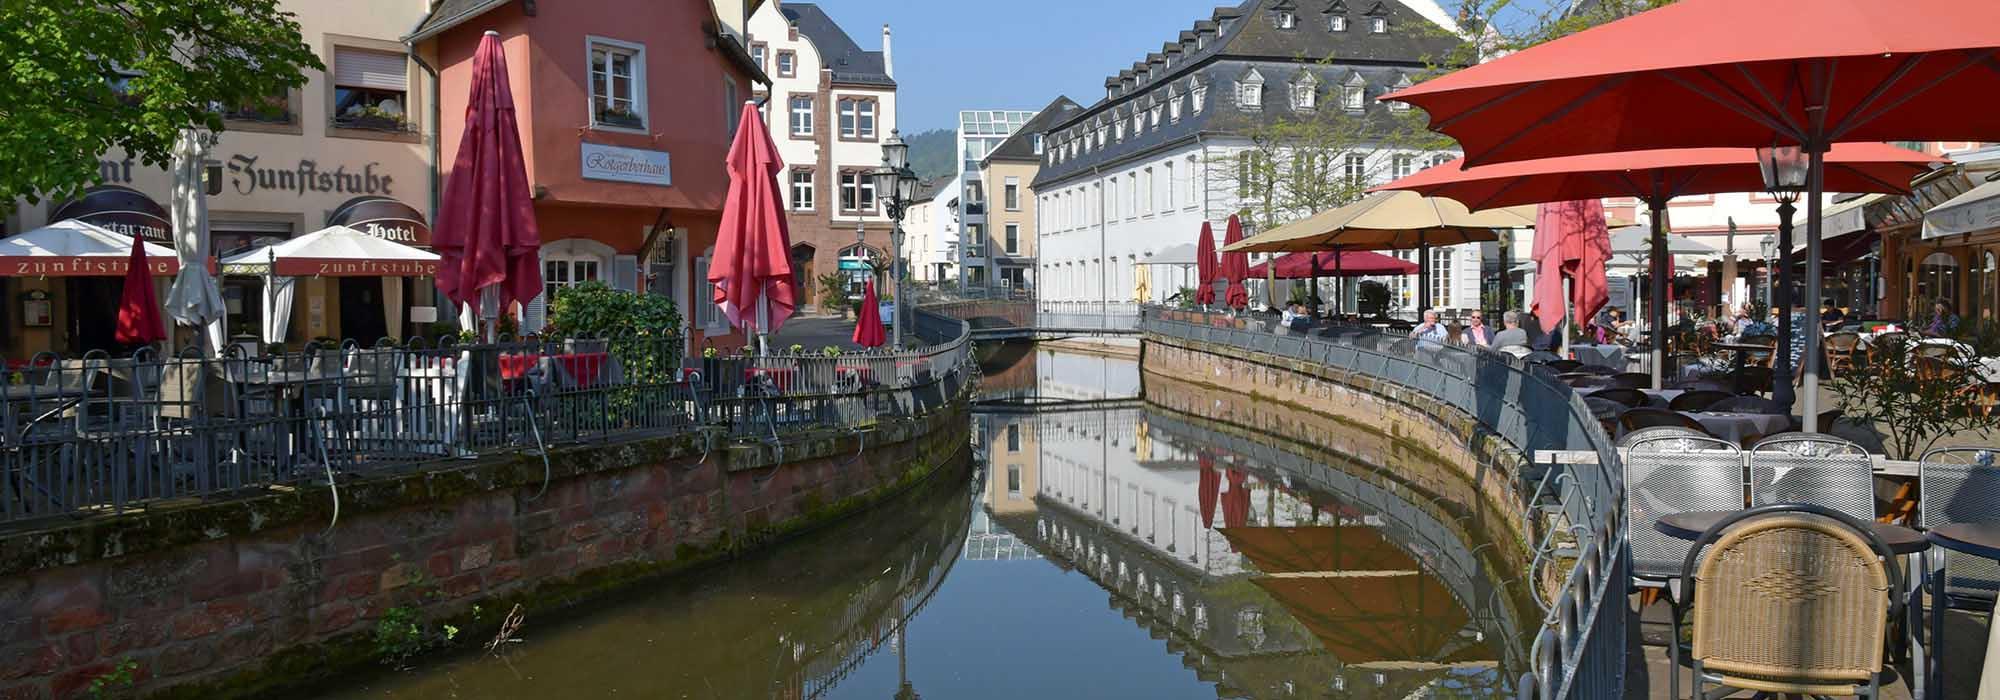 ARN_0431-Saarburg